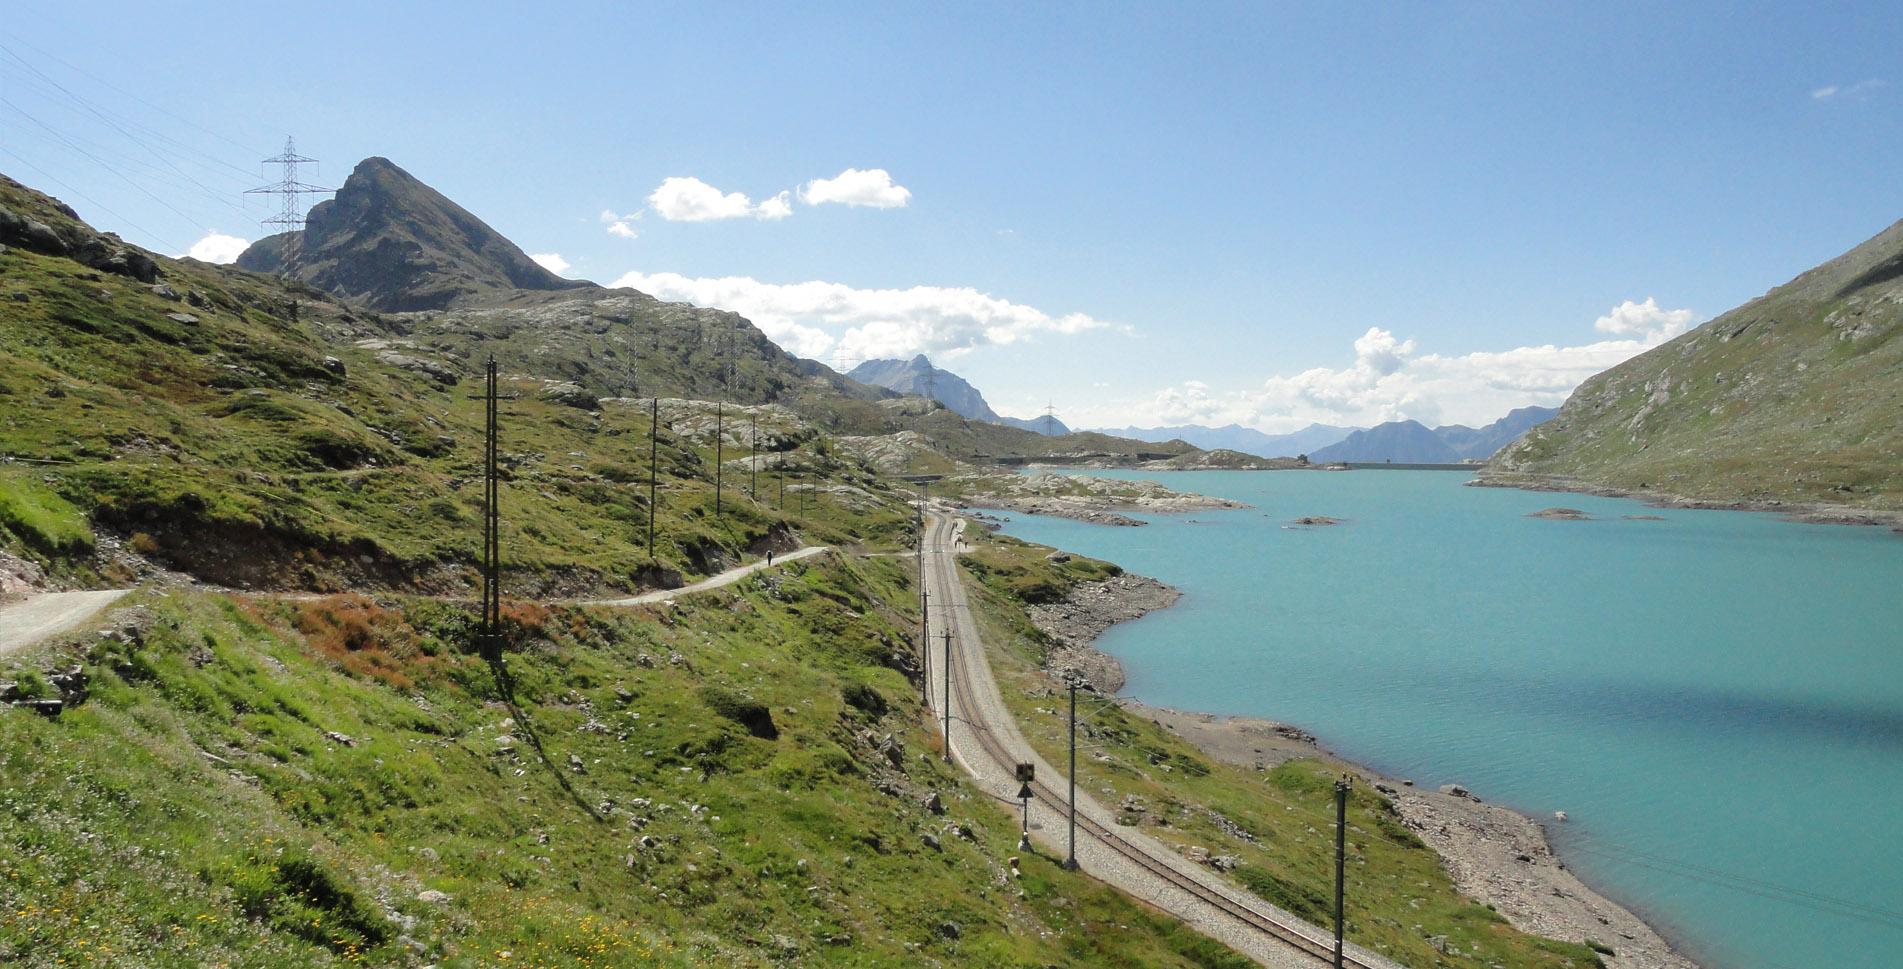 Wanderung vom Berninapass / Ospizio Bernina am Lago Bianco entlang zum Sassal Masone mit herrlichem Blick auf den Palügletscher und weiter zur Alp Grüm im Valposchiavo, wo man einen Abstecher zum Ristorante Belvedere einlegen kann